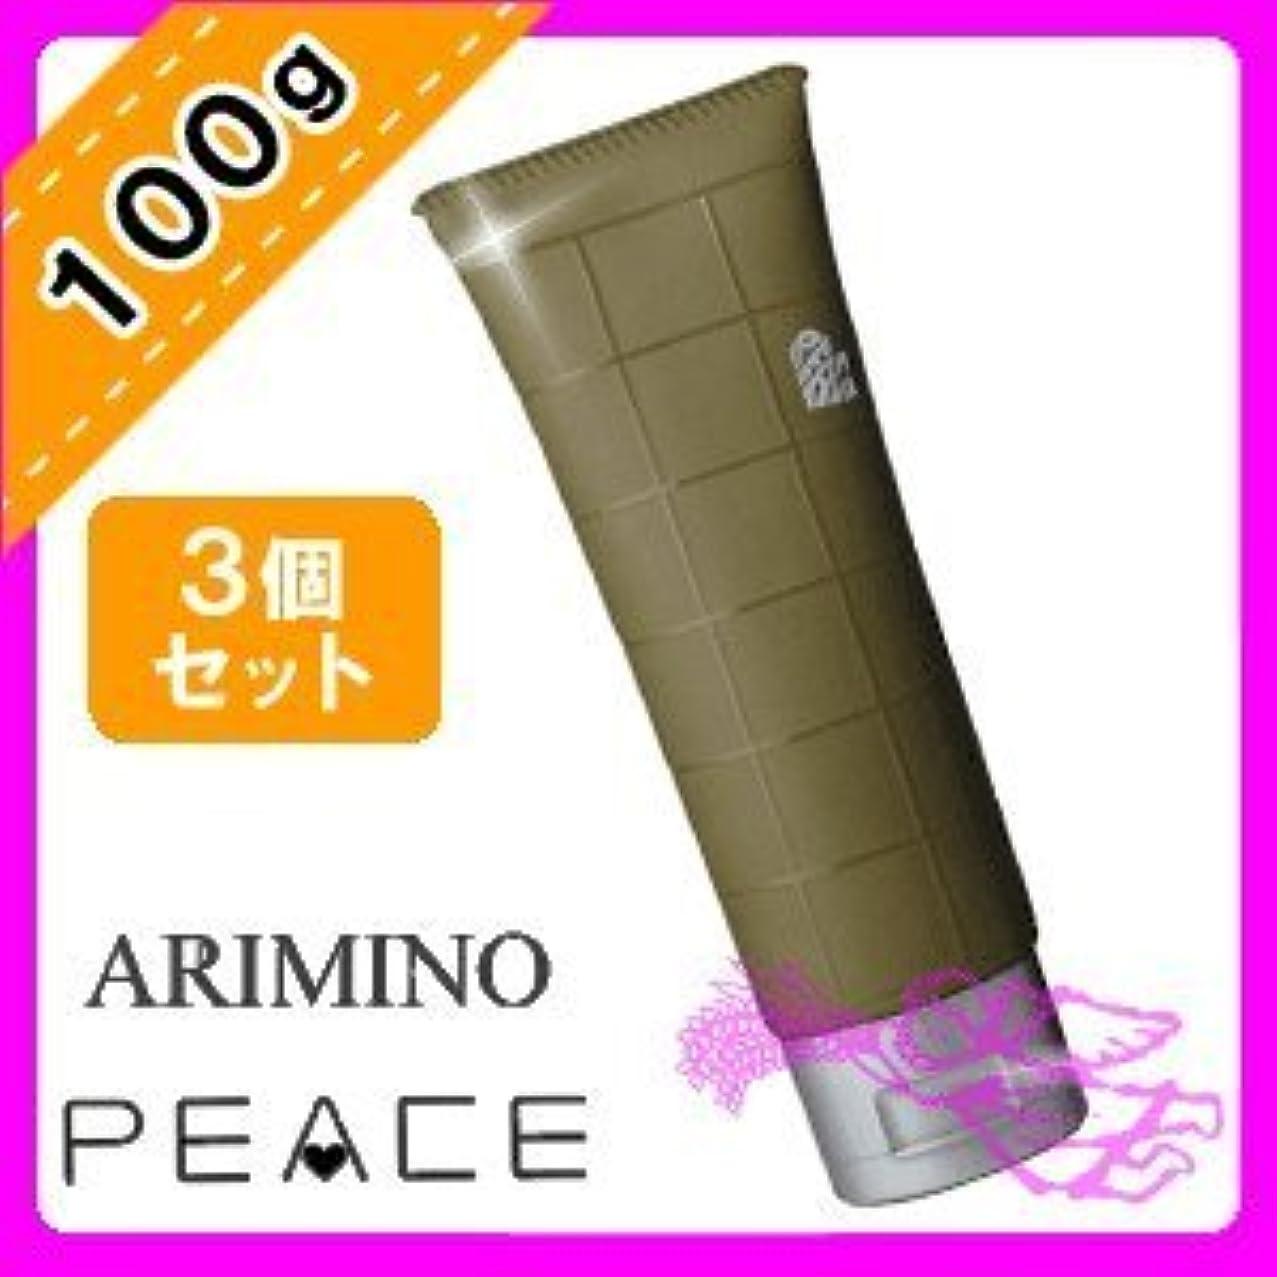 山積みのゴミ退屈アリミノ ピース ウェットオイル ワックス 100g ×3個セット arimino PEACE